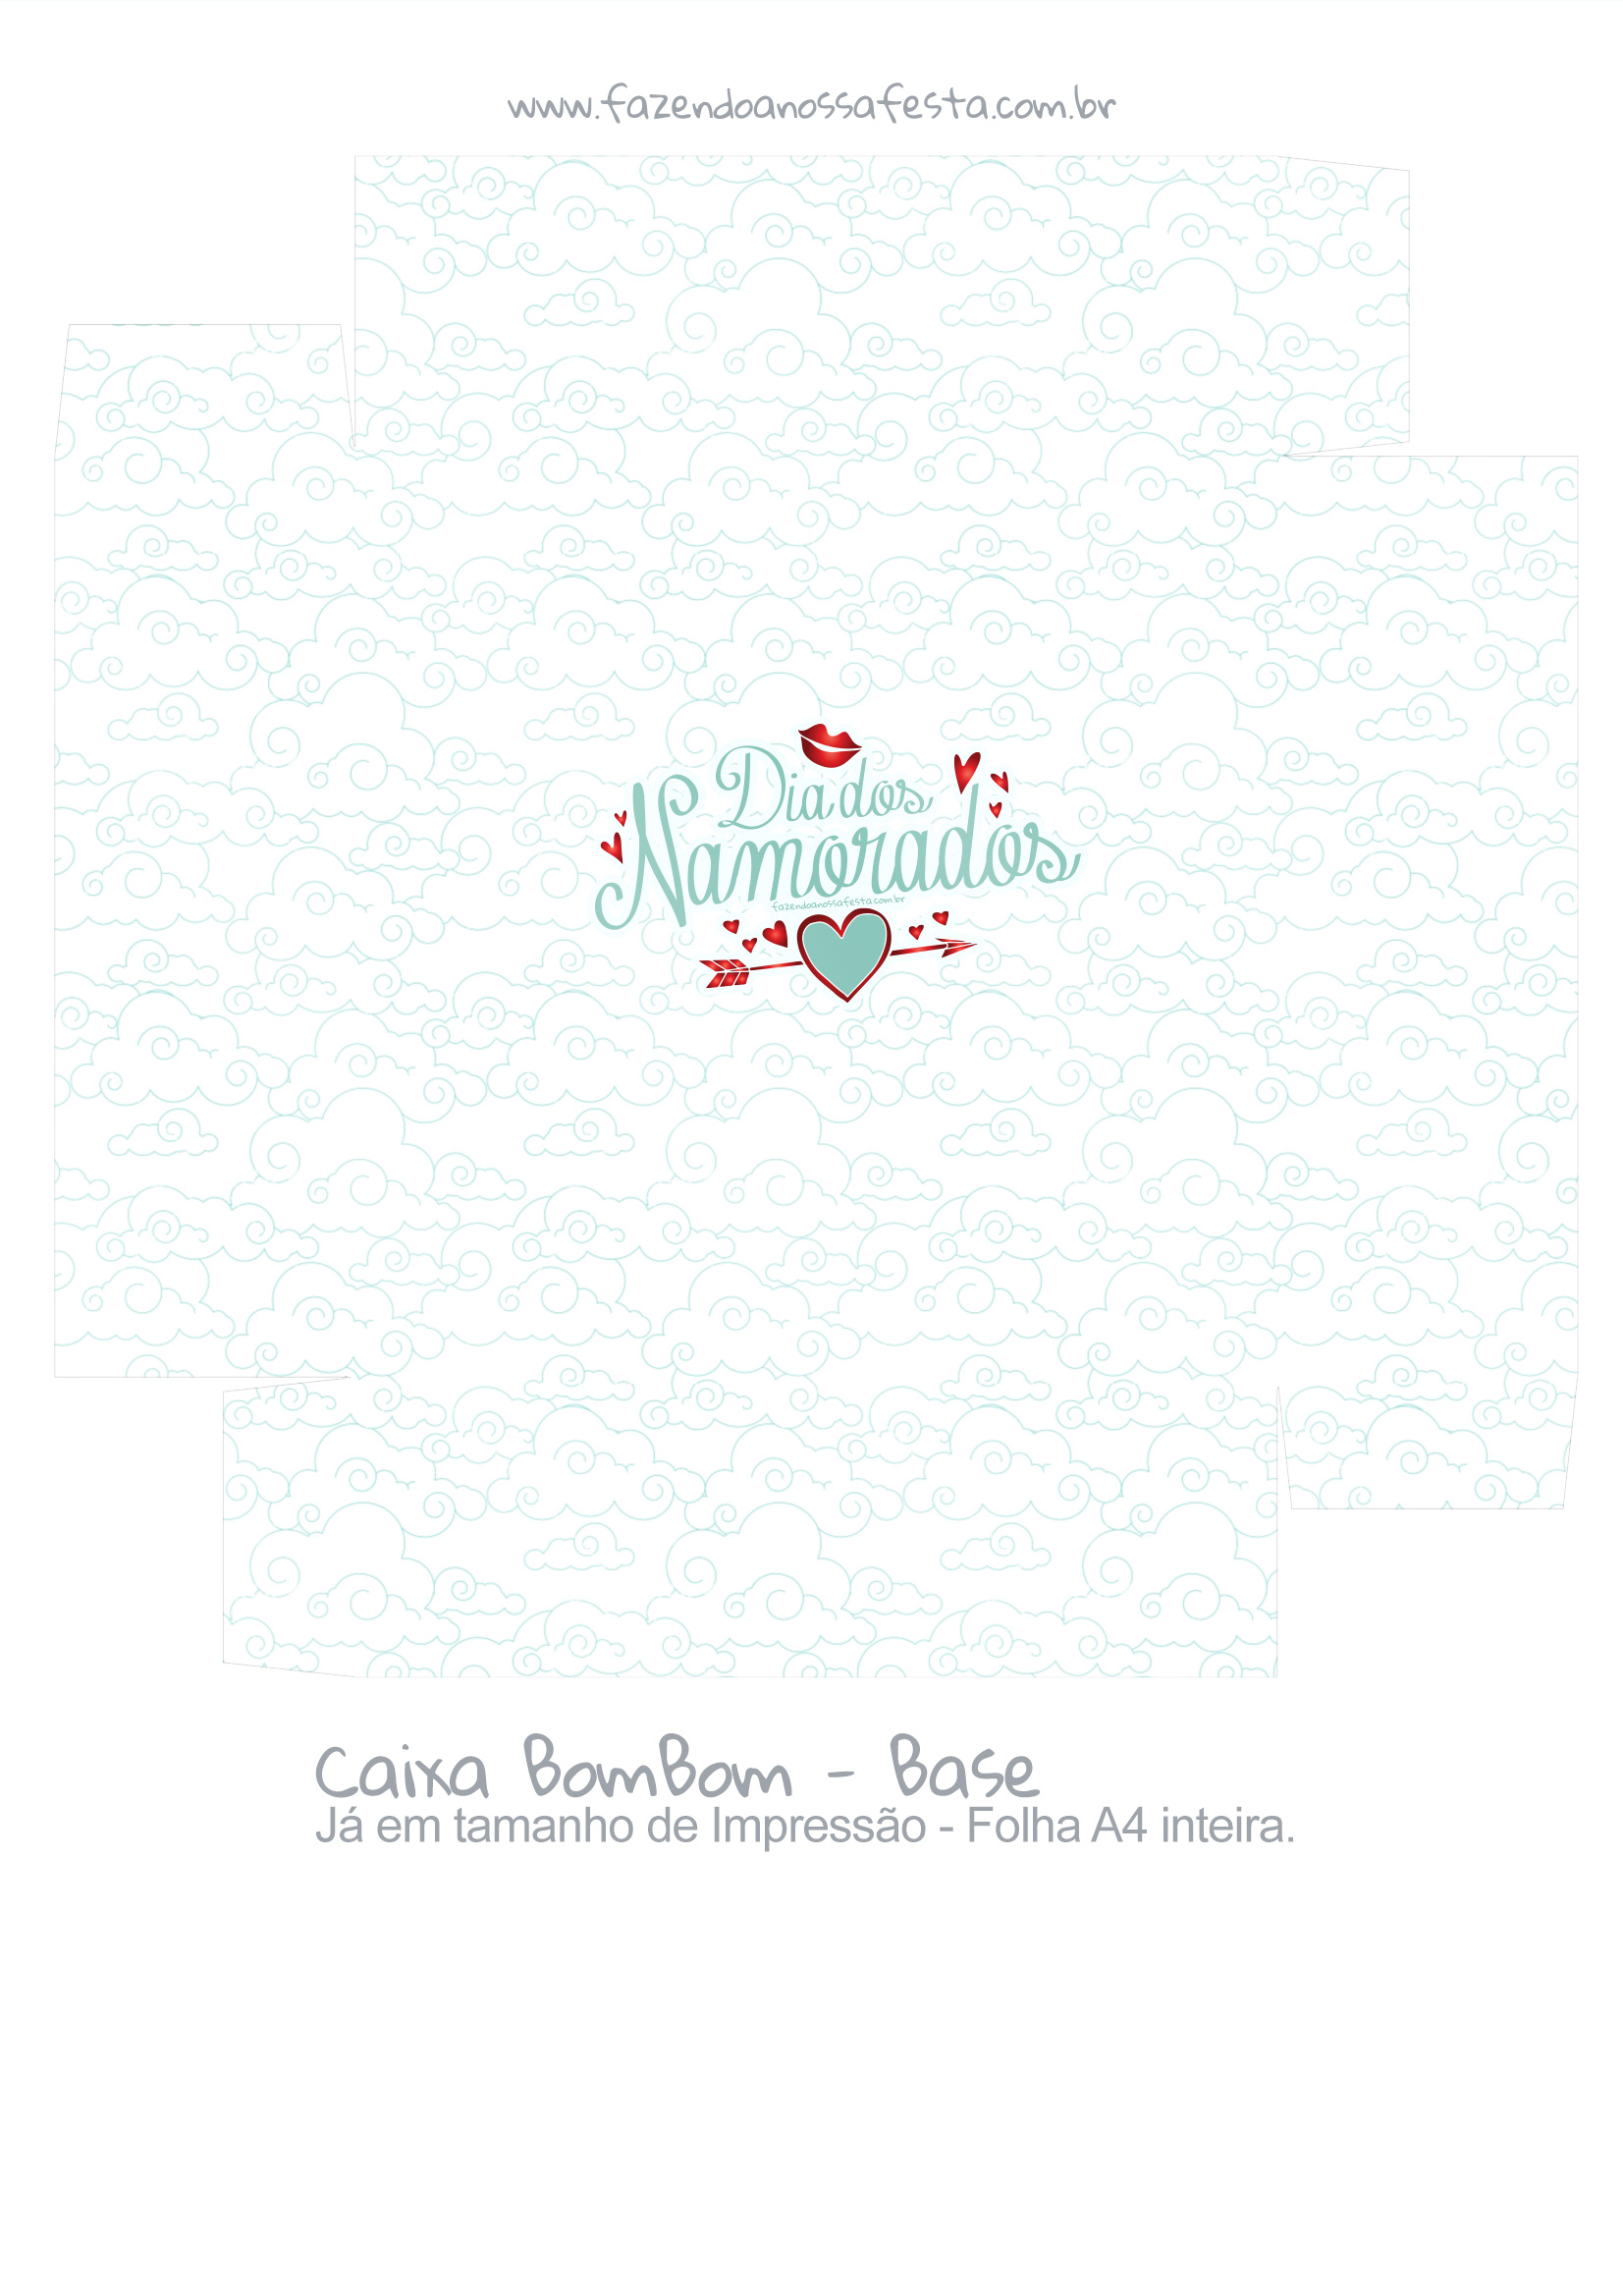 Caixa Bombom Dia dos Namorados Anjinho - parte 2